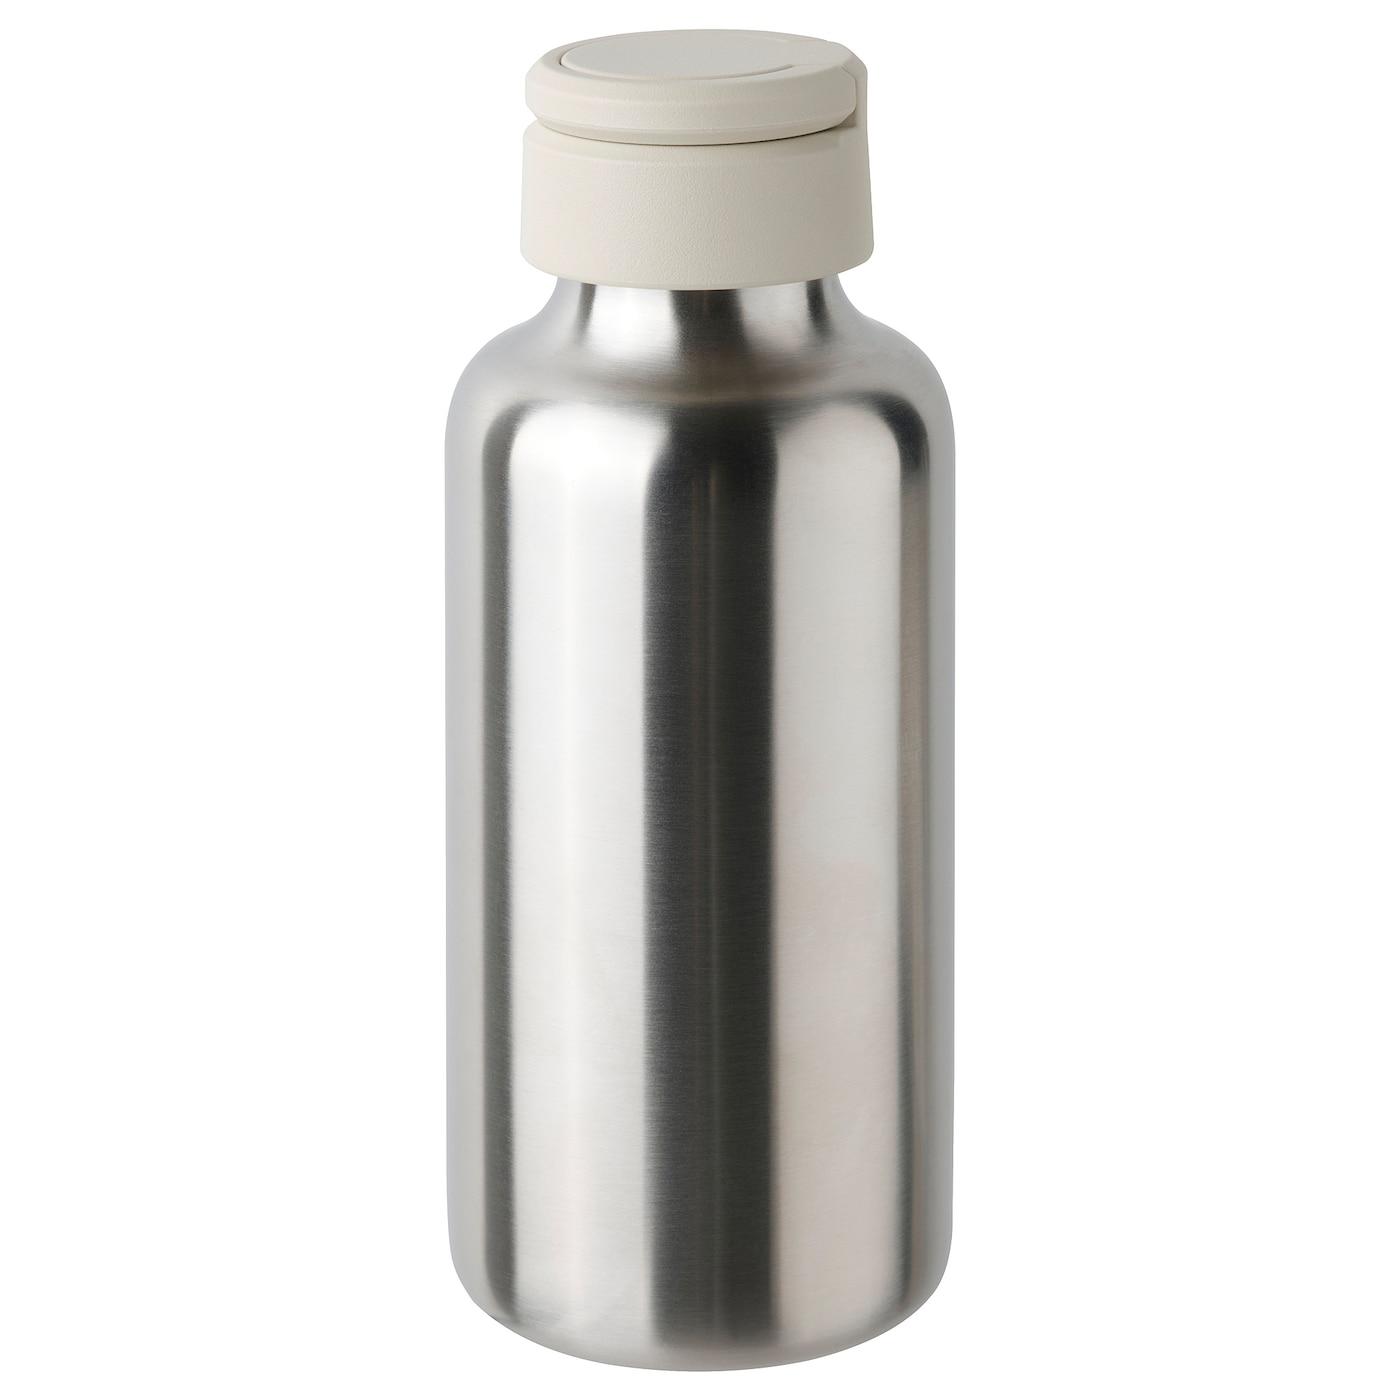 ENKELSPÅRIG Water bottle - stainless steel/beige 0.5 l